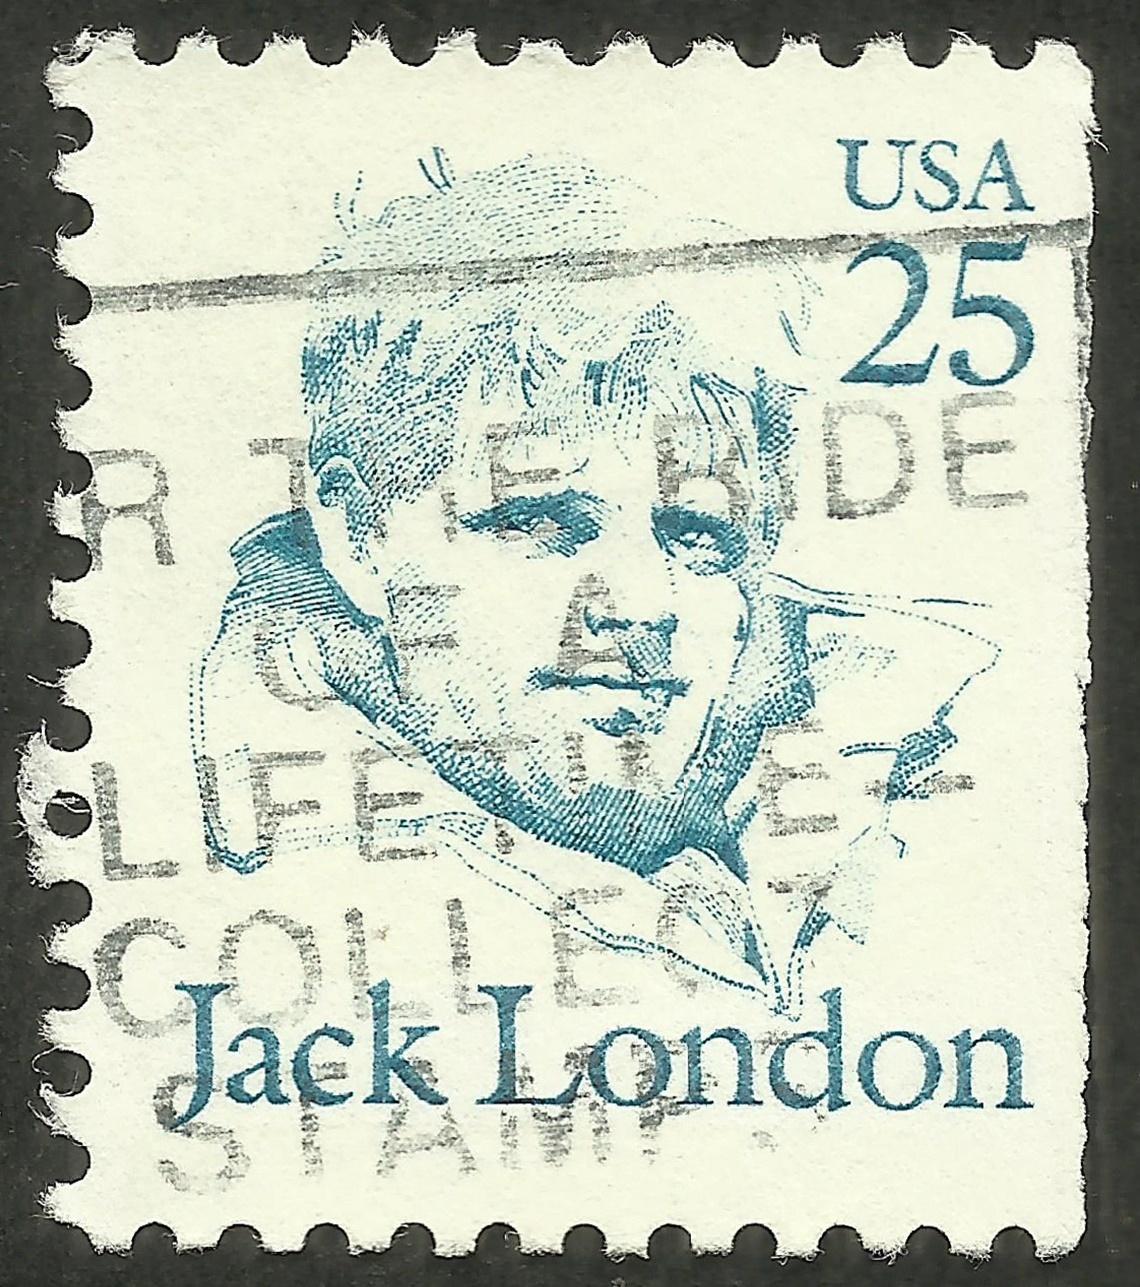 United States - Scott #1297 (1988)